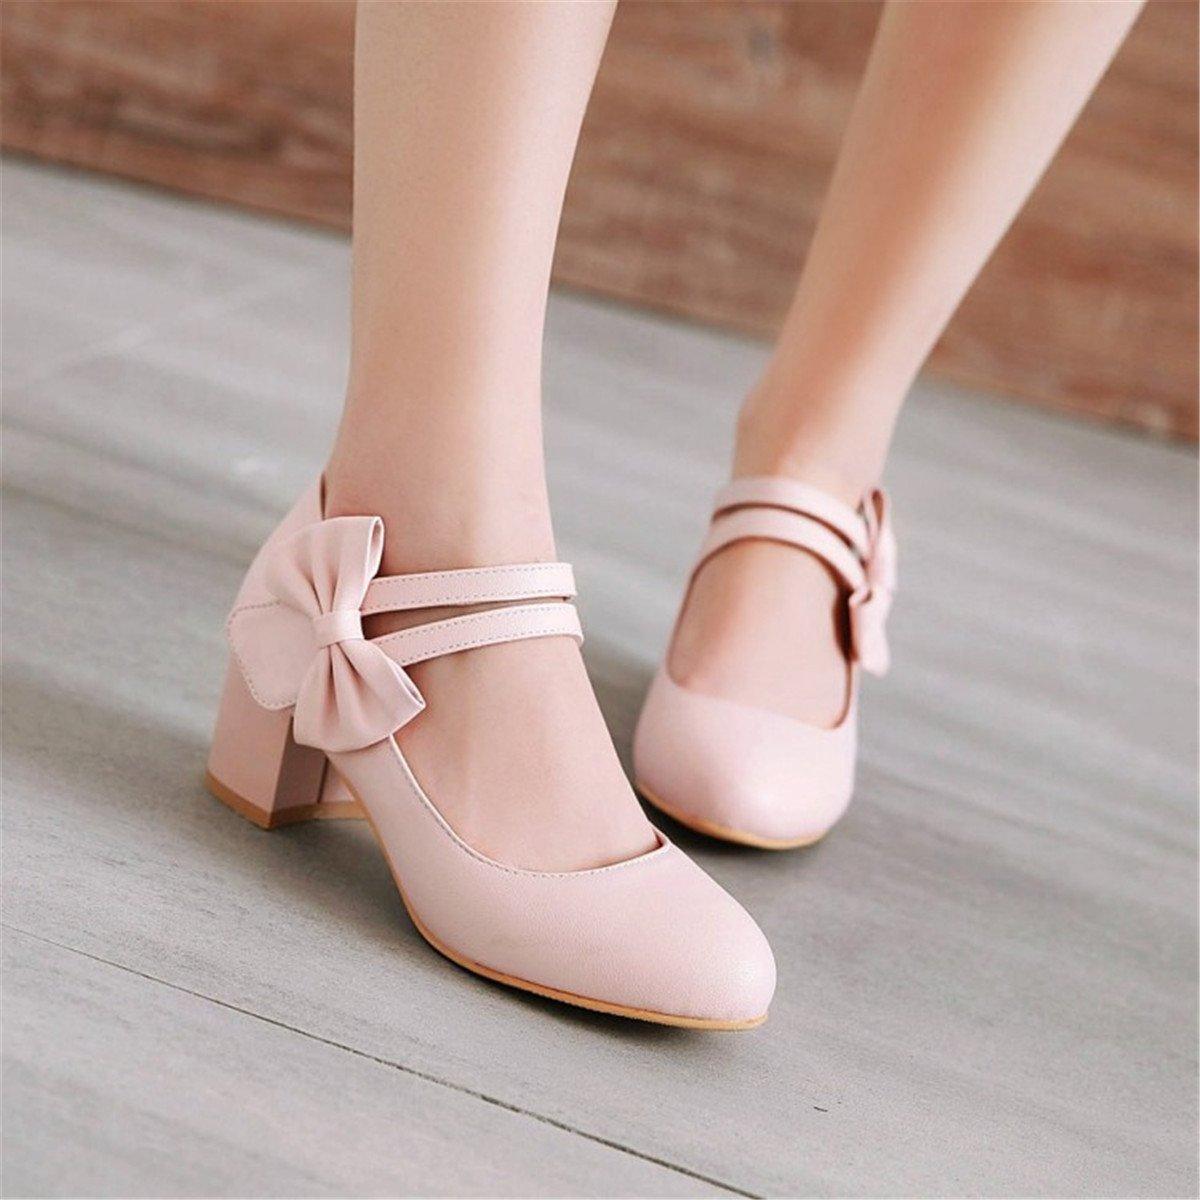 Woherren schuhe Comfort Sandals Walking schuhe   Damen Damen Damen Sandalen   Sandalette Damen Sandalen   In der Wildnis mit Fett mit einem einzigen Schuhe   Schlitz - angesichts der großen Zahl Sandalen 5c4ff2